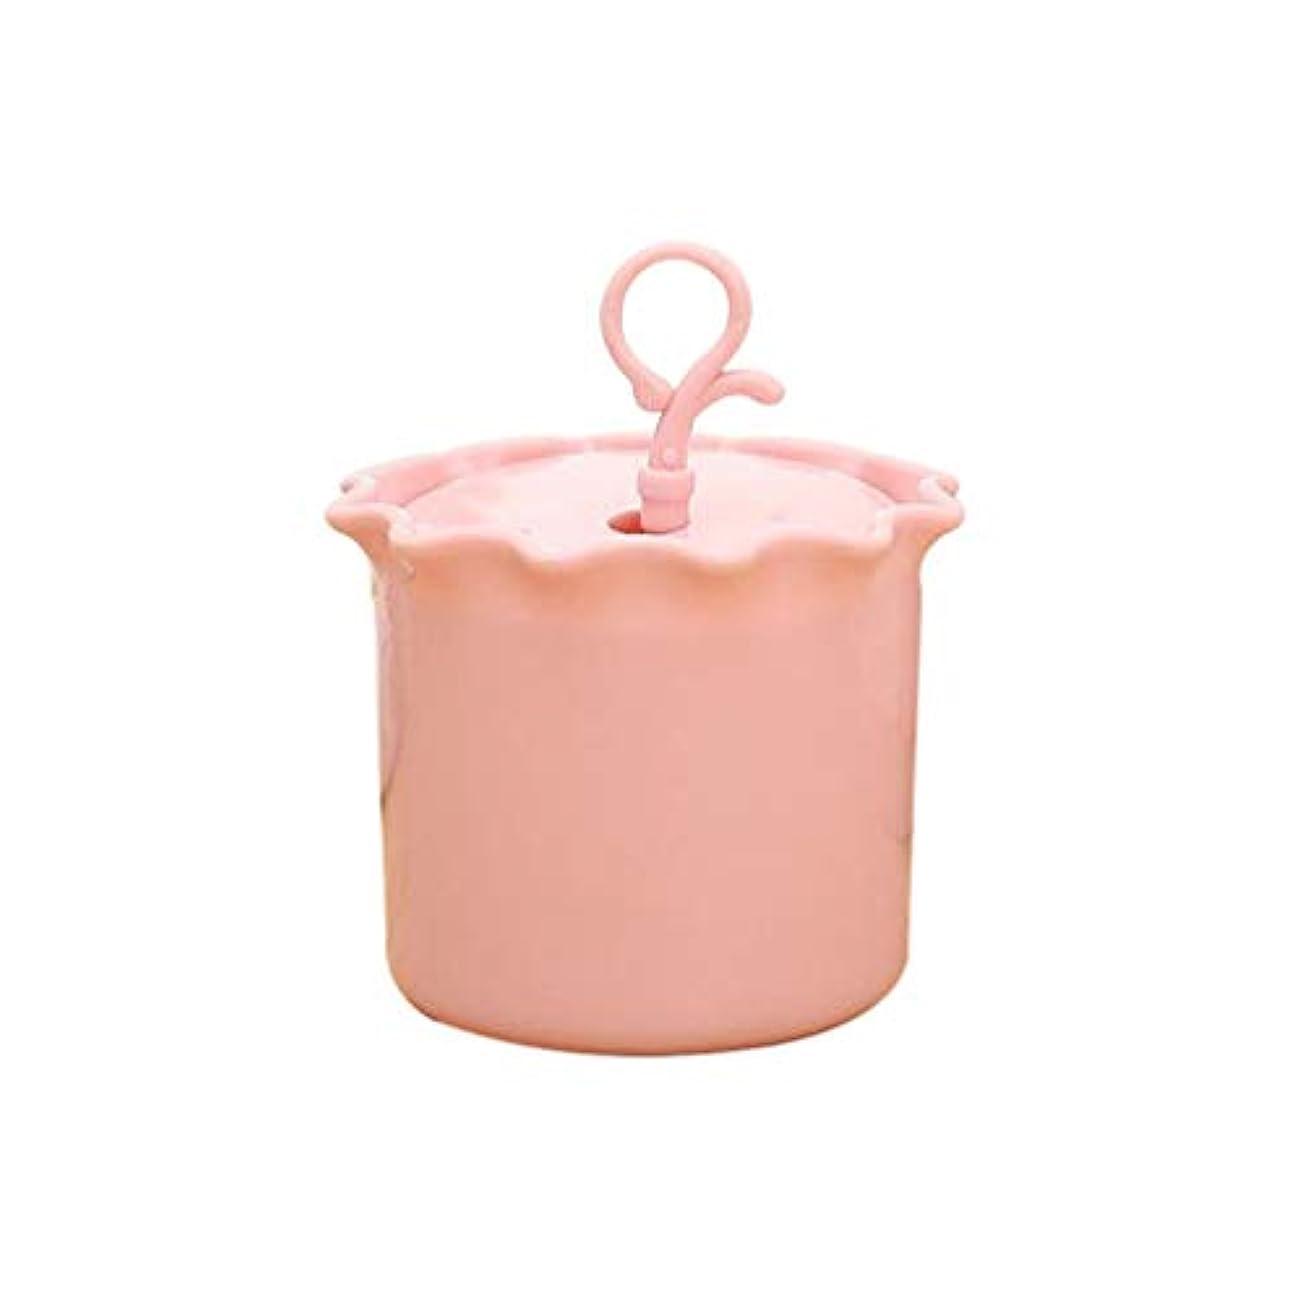 出席故意のアラブLurrose ホームホテル旅行1pcのための洗顔の洗剤の泡のコップのための泡メーカー